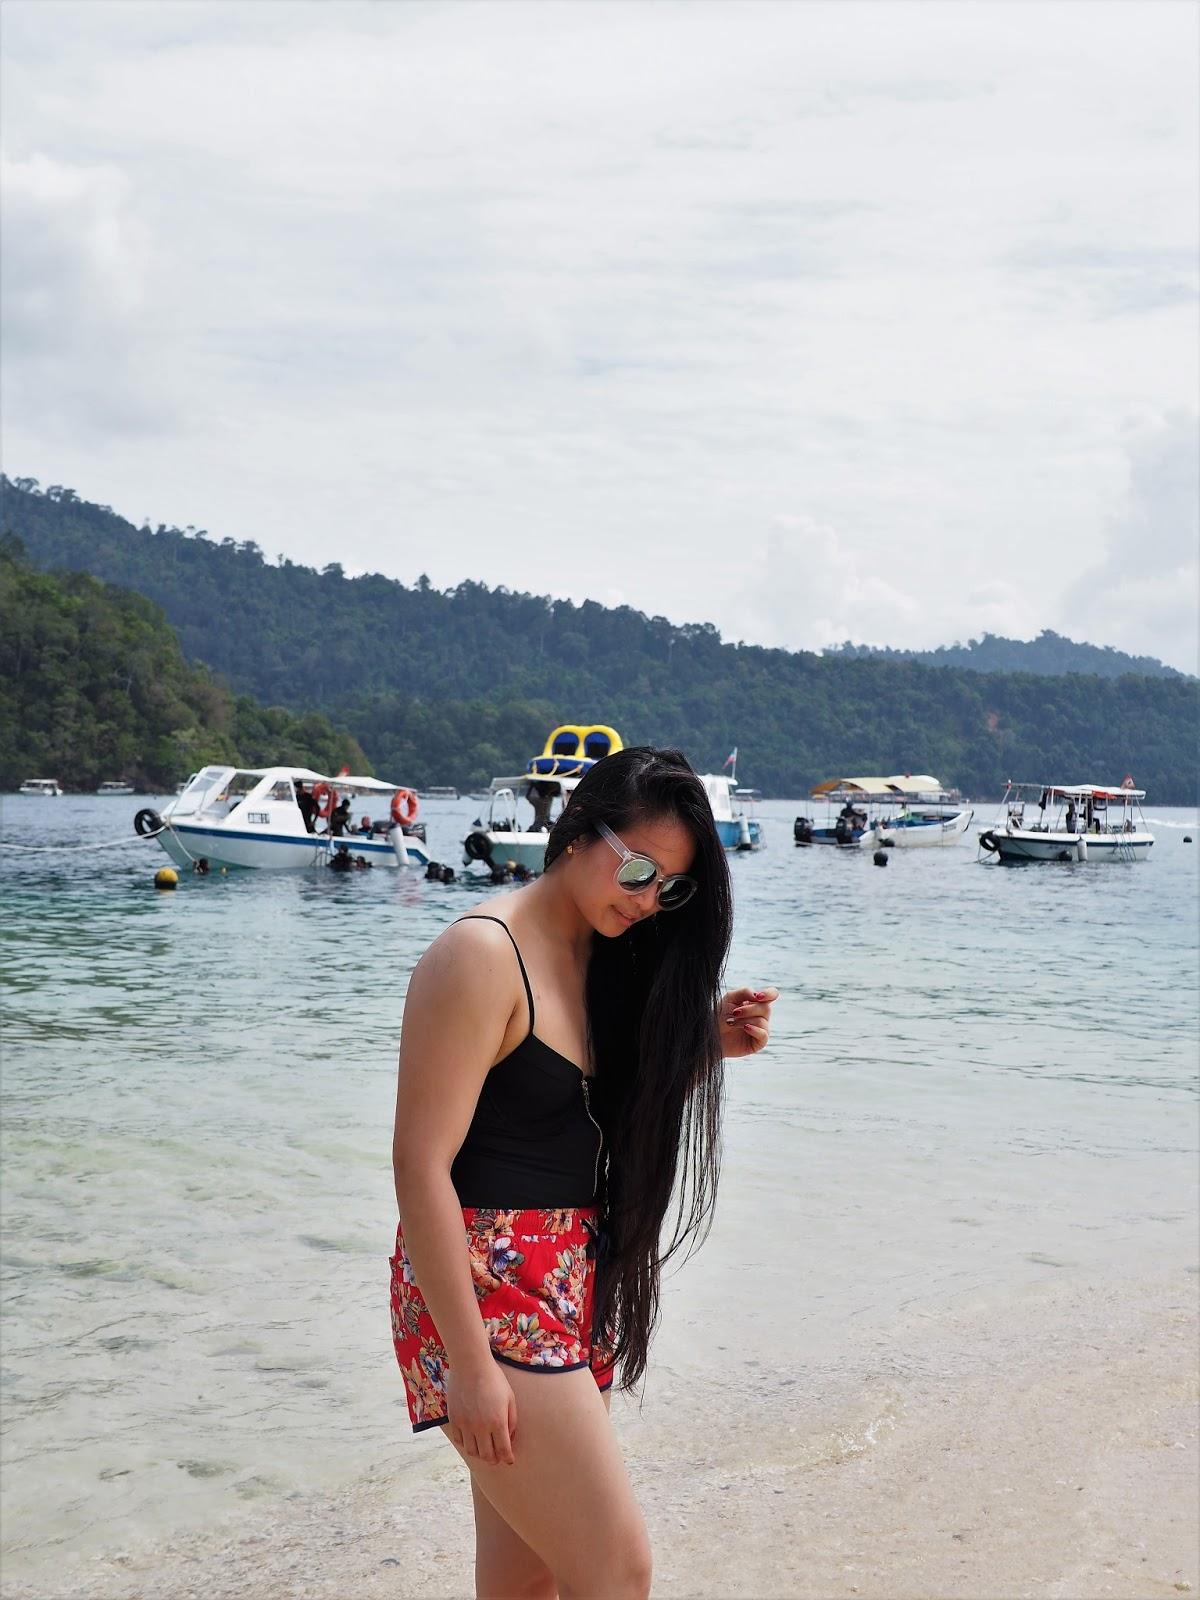 Malaysia Kota Kinabalu One-piece zip up swimming beach